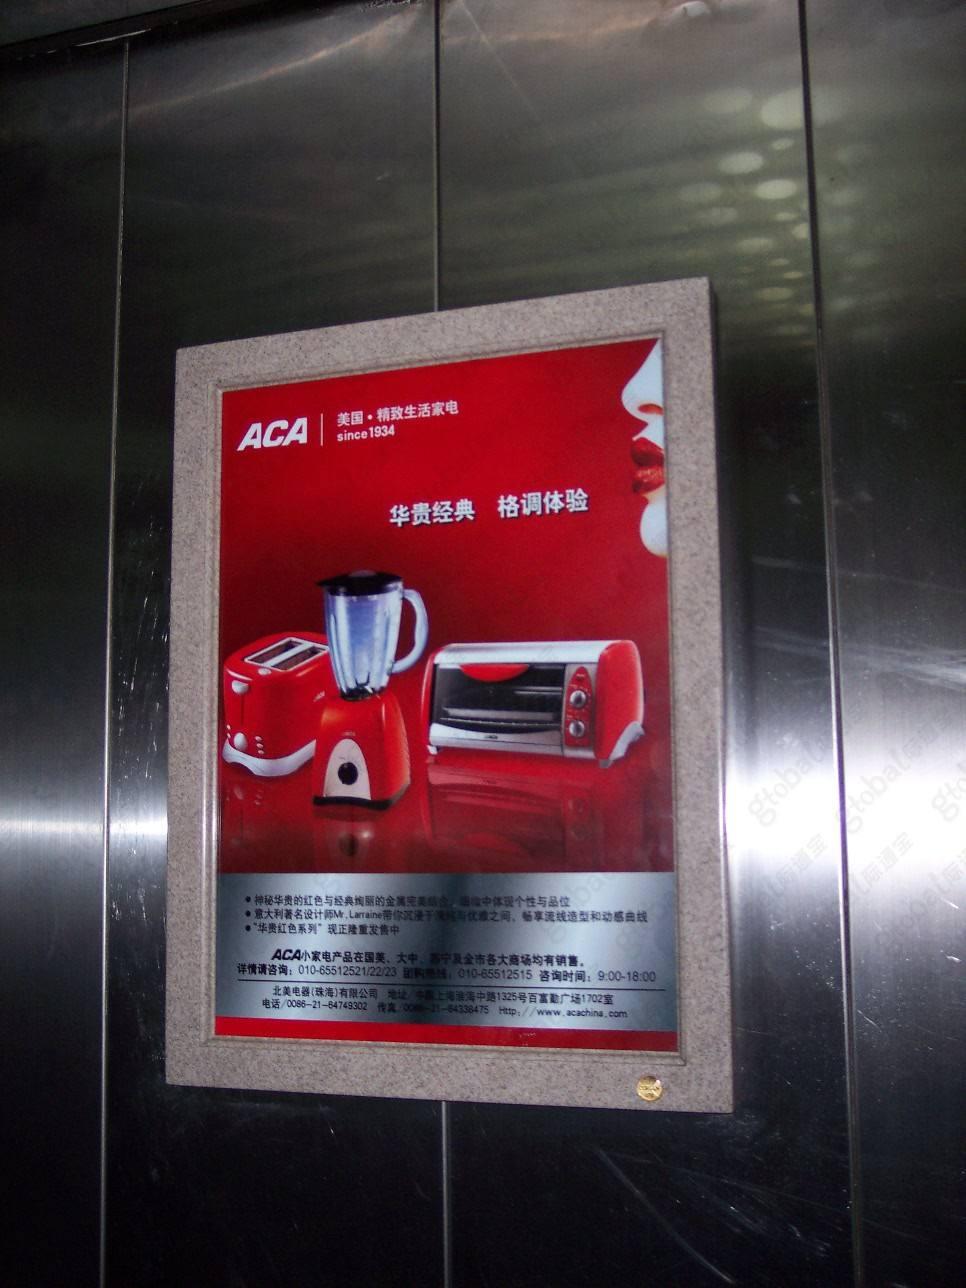 青岛高端写字楼电梯广告-分众资源低至2折